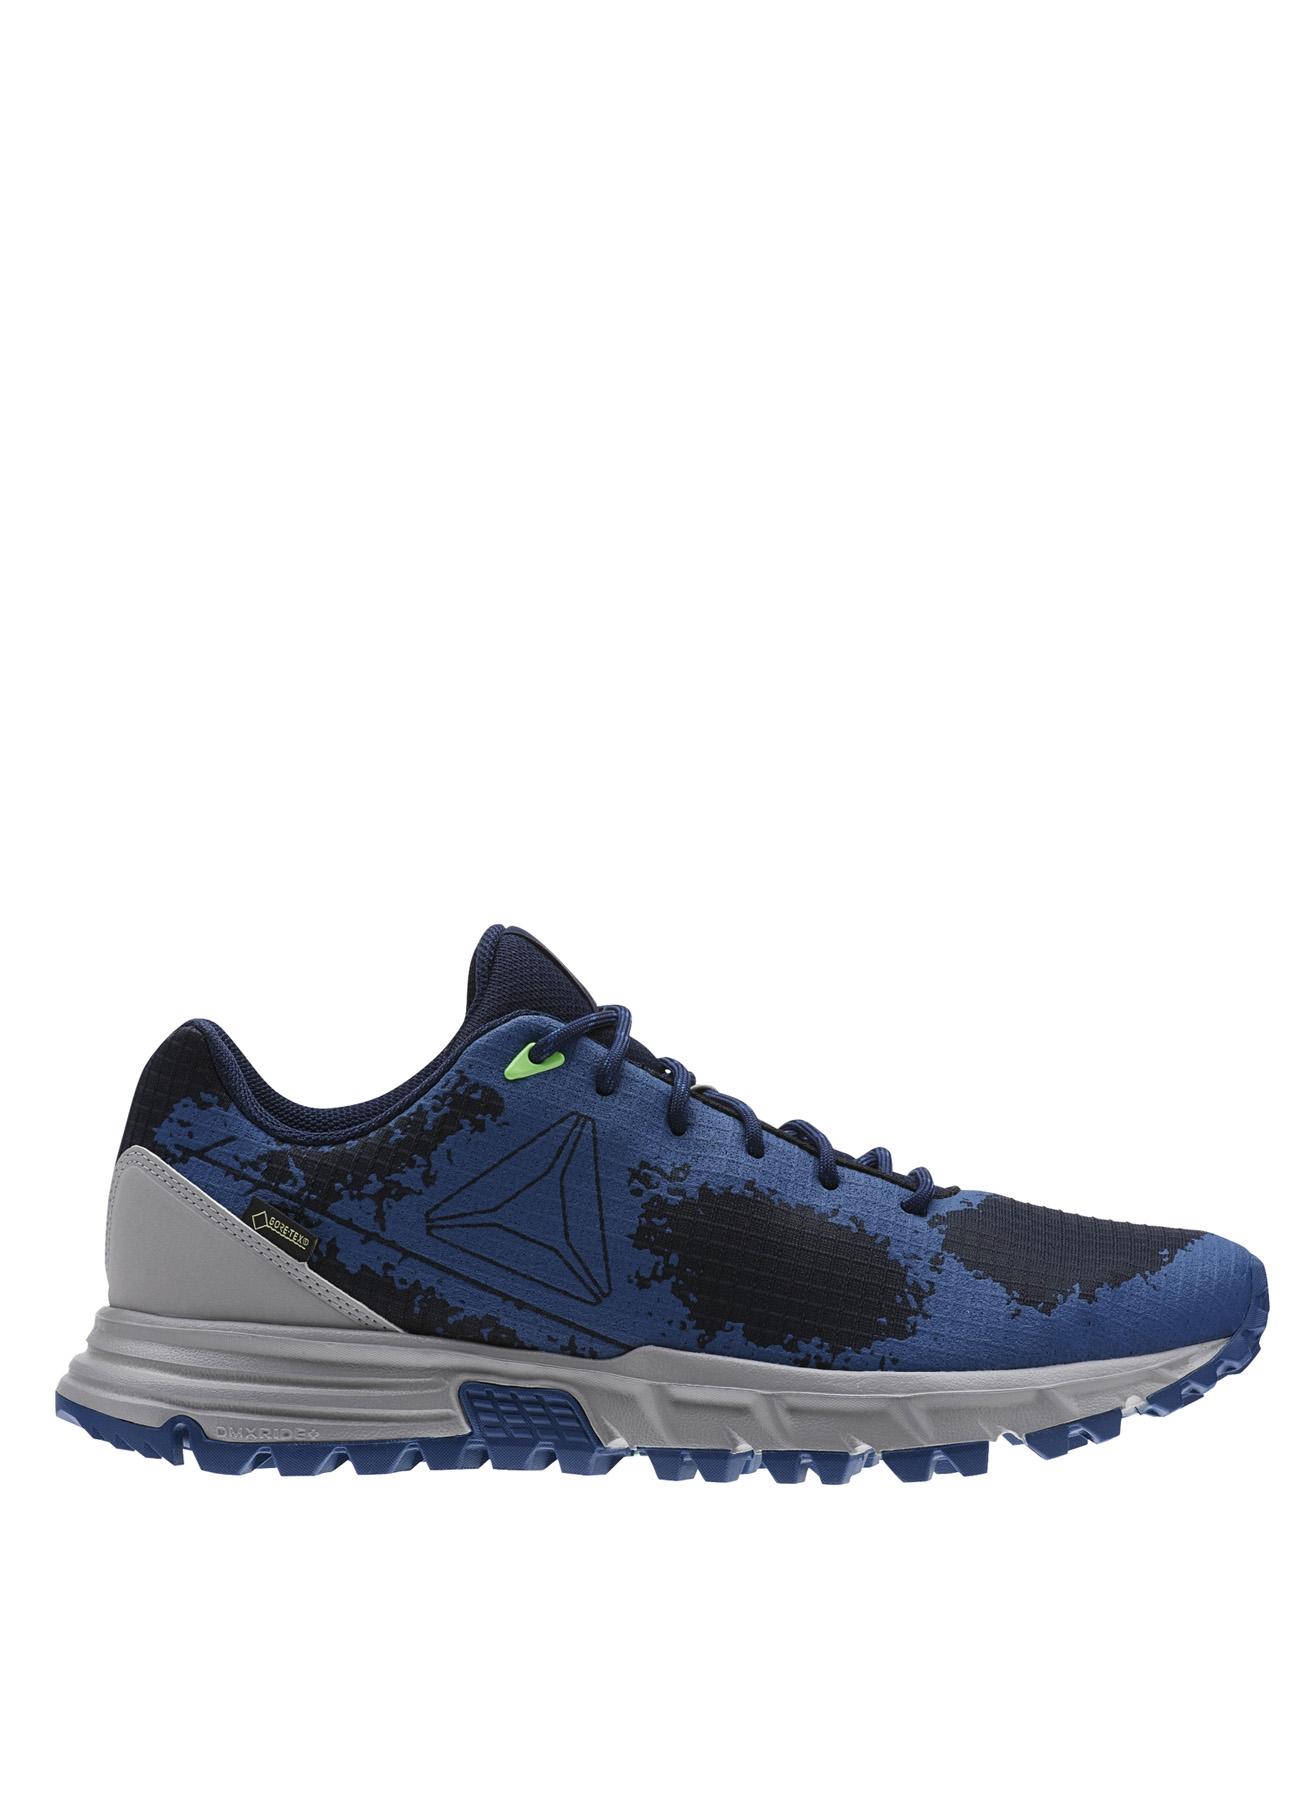 Reebok Sawcut GTX 6.0 Outdoor Ayakkabısı 40 5001633182002 Ürün Resmi